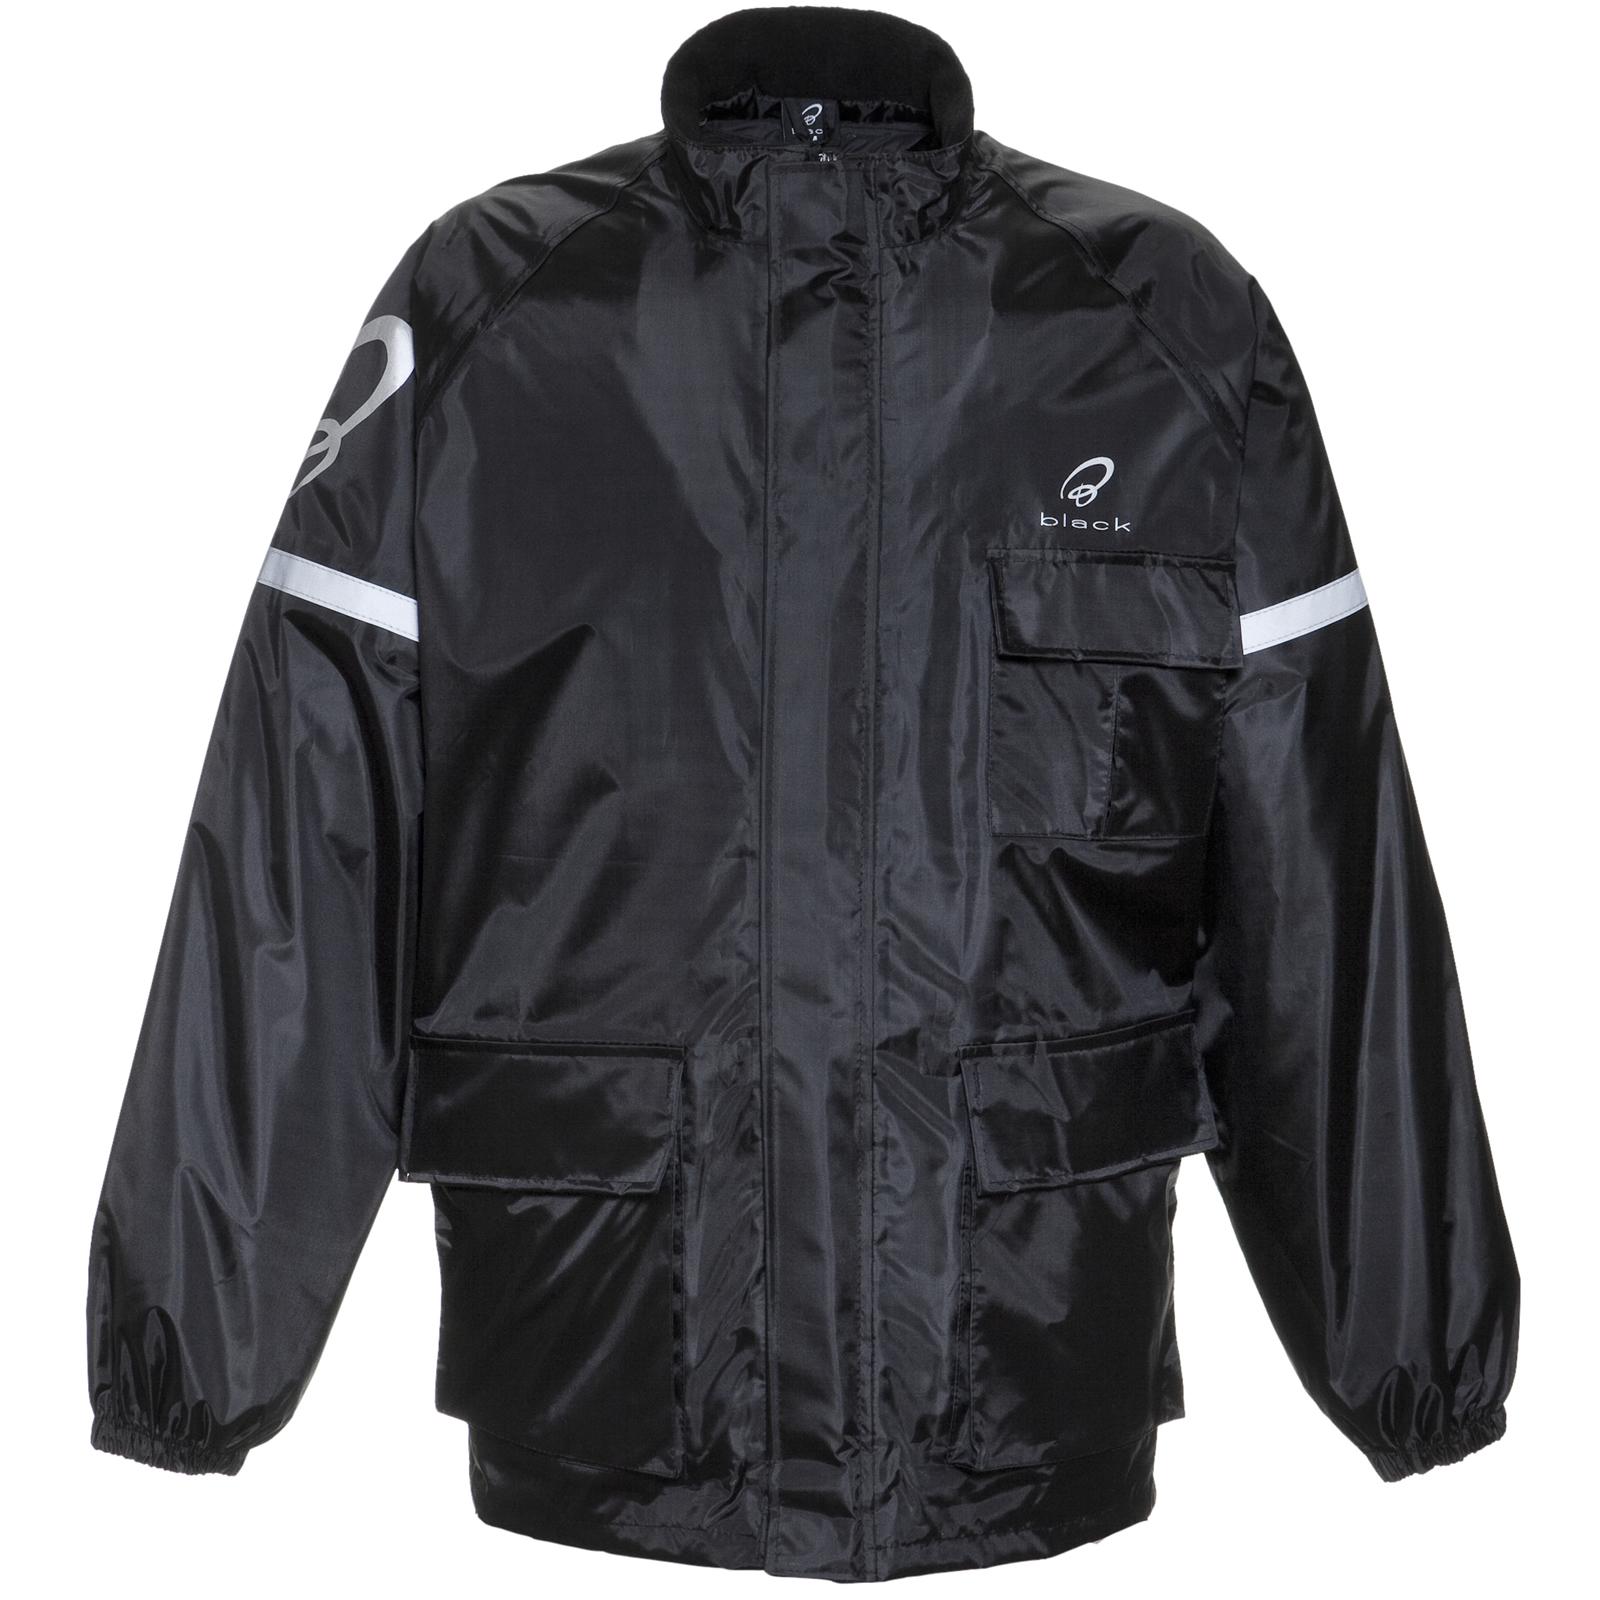 Black Spectre Waterproof Motorcycle Jacket